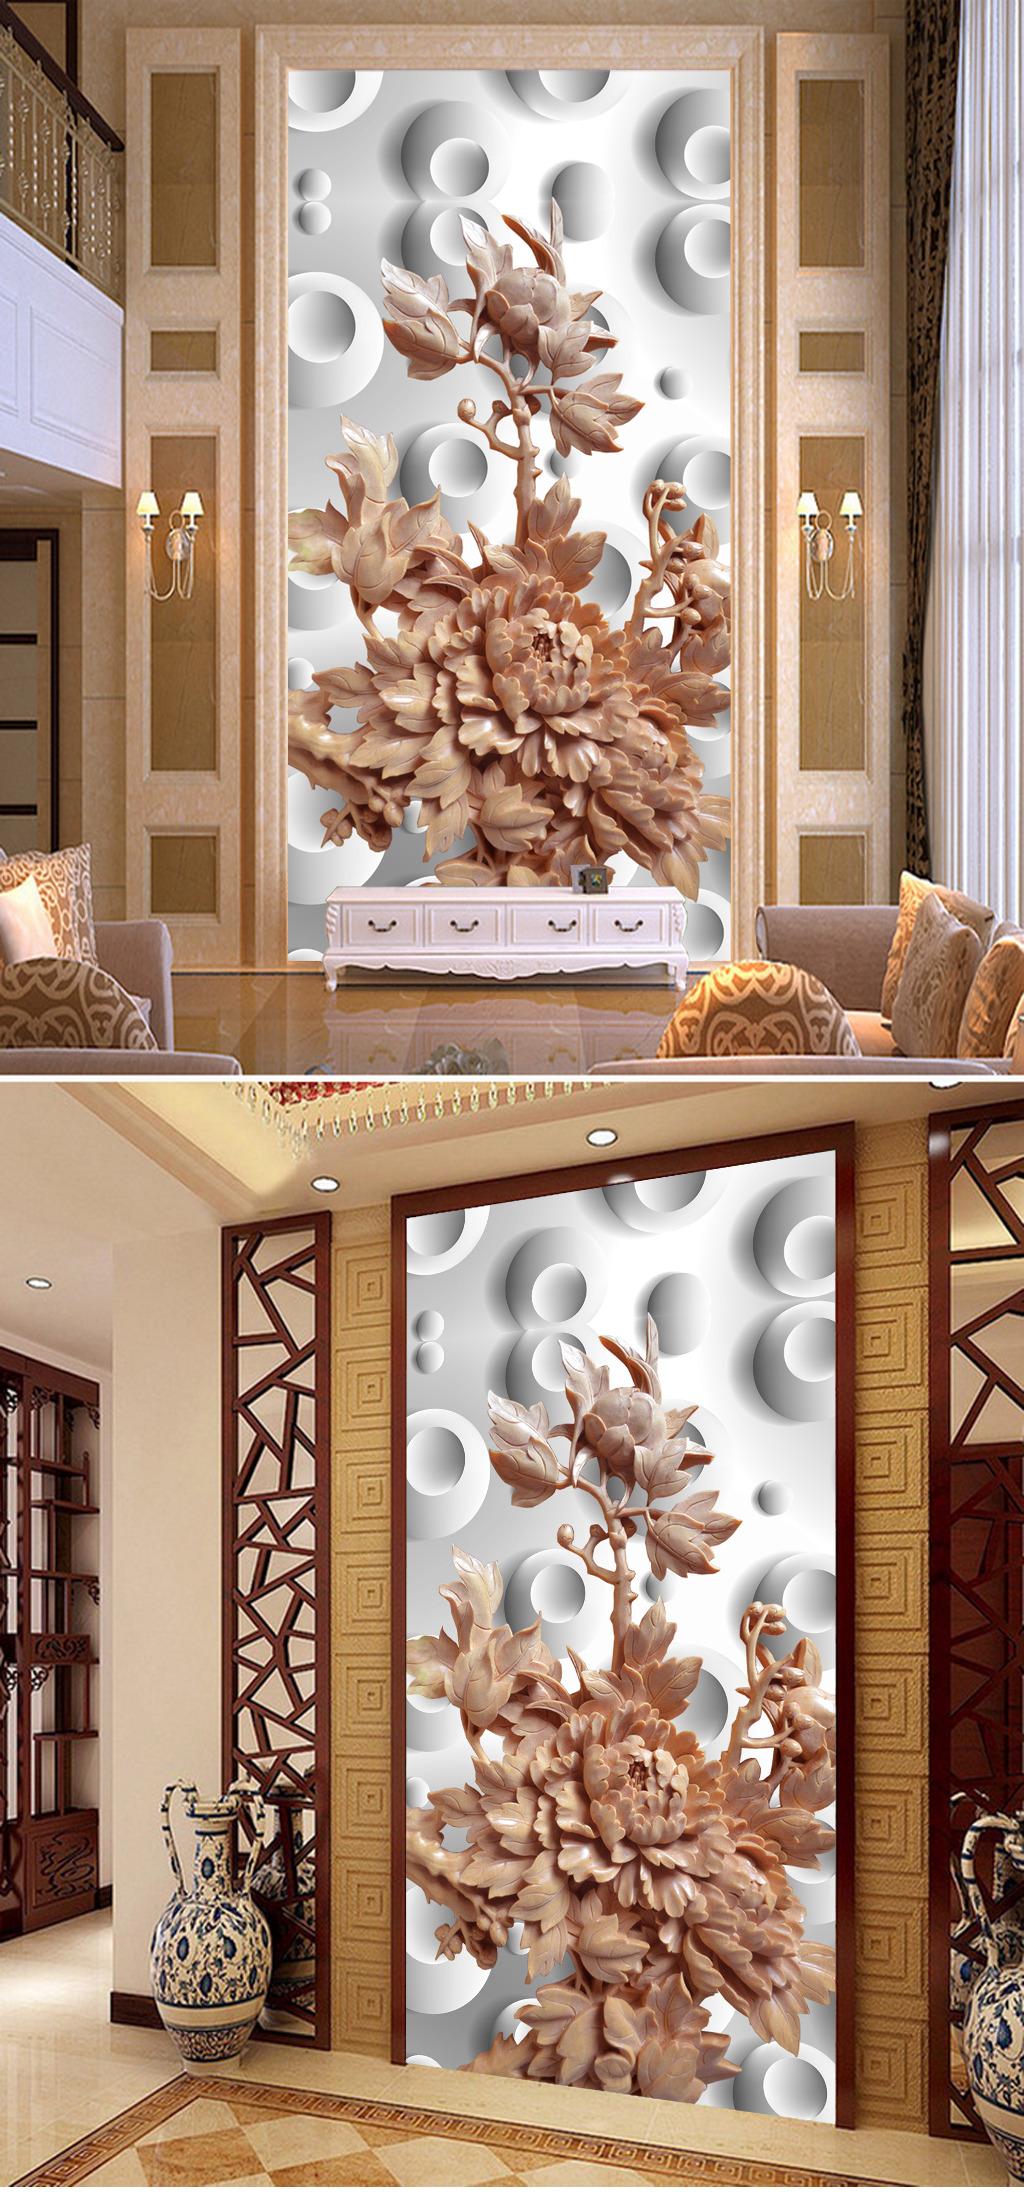 3d立体木雕牡丹玄关过道背景墙装饰画